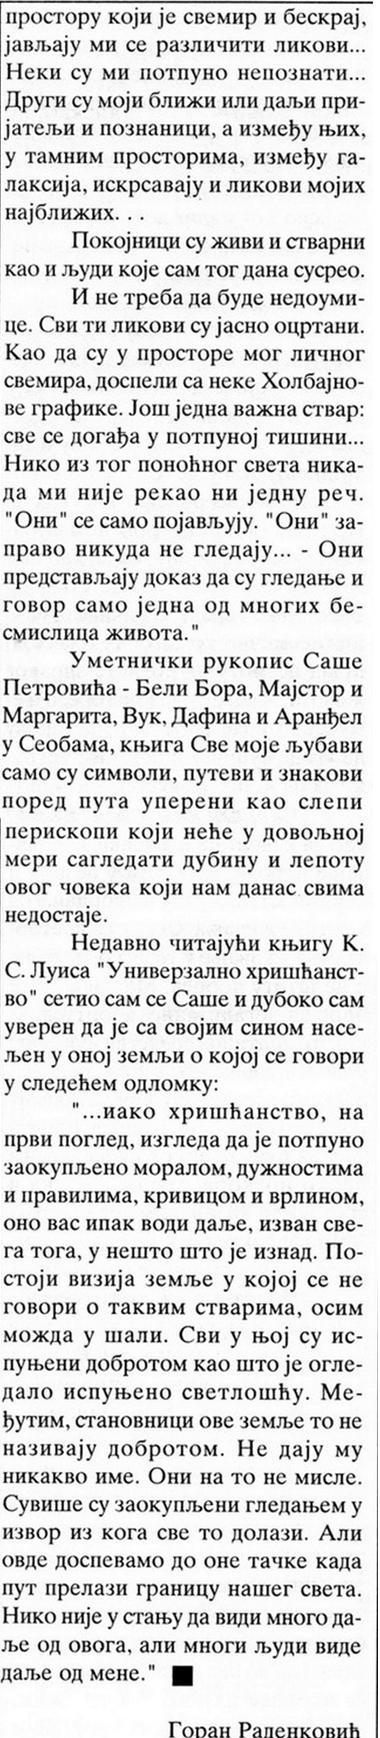 Secanje na Aleksandra Petrovica 5